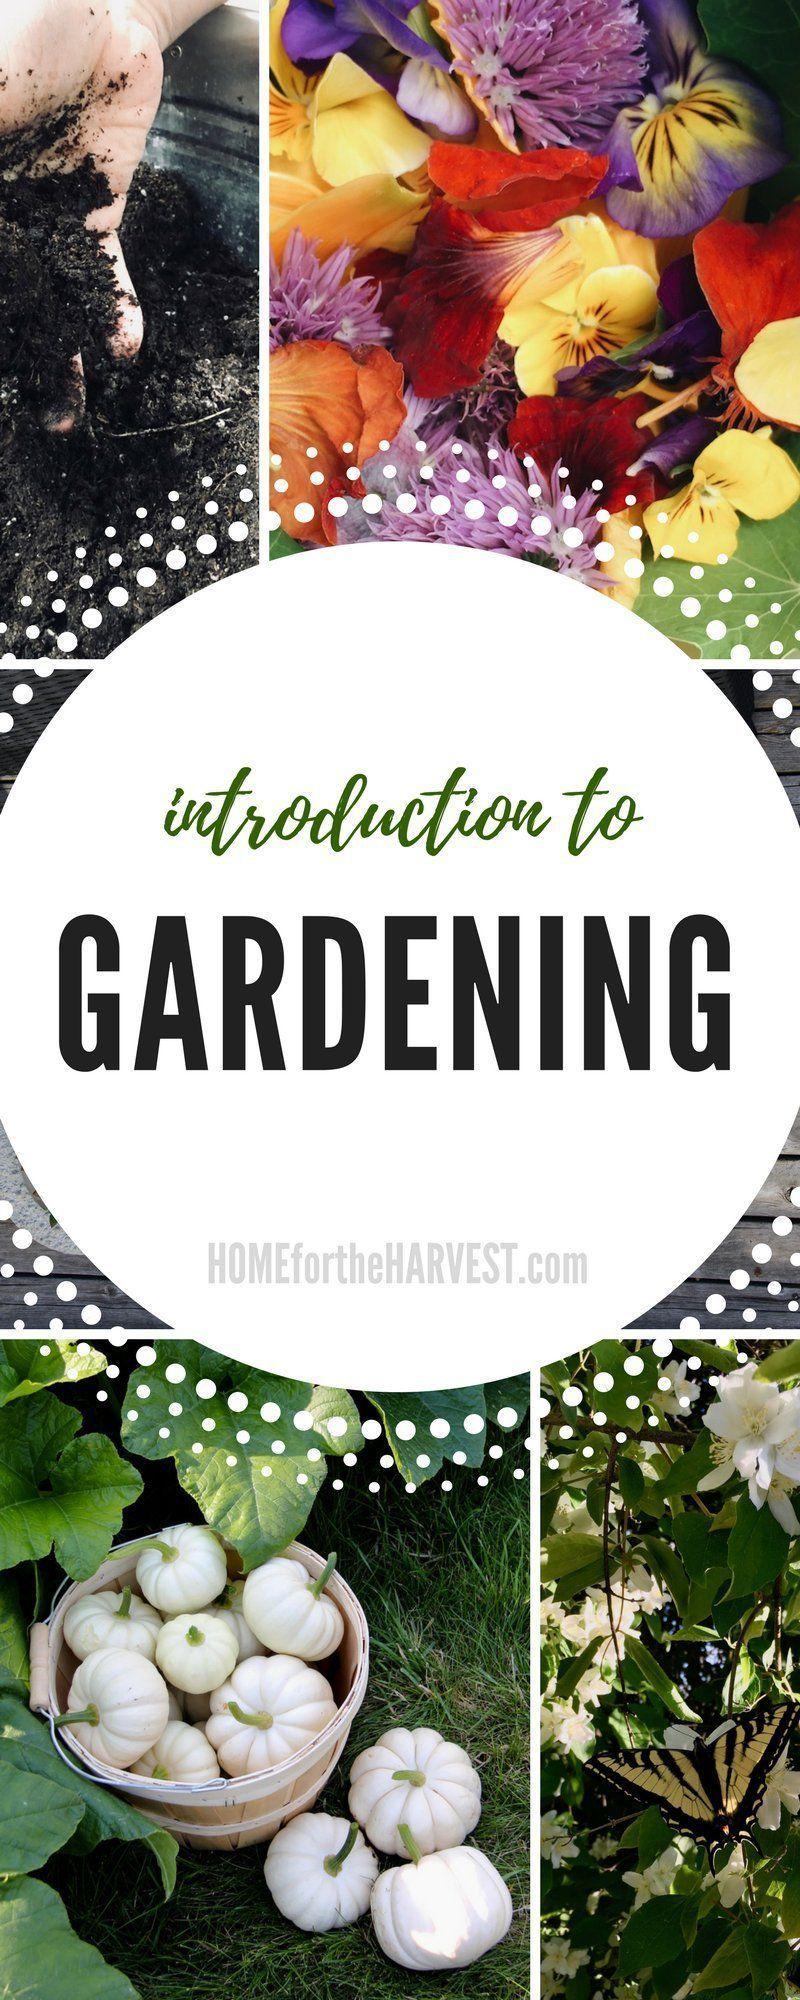 7 Wondrous Garden Ideas Market Ideasgarden